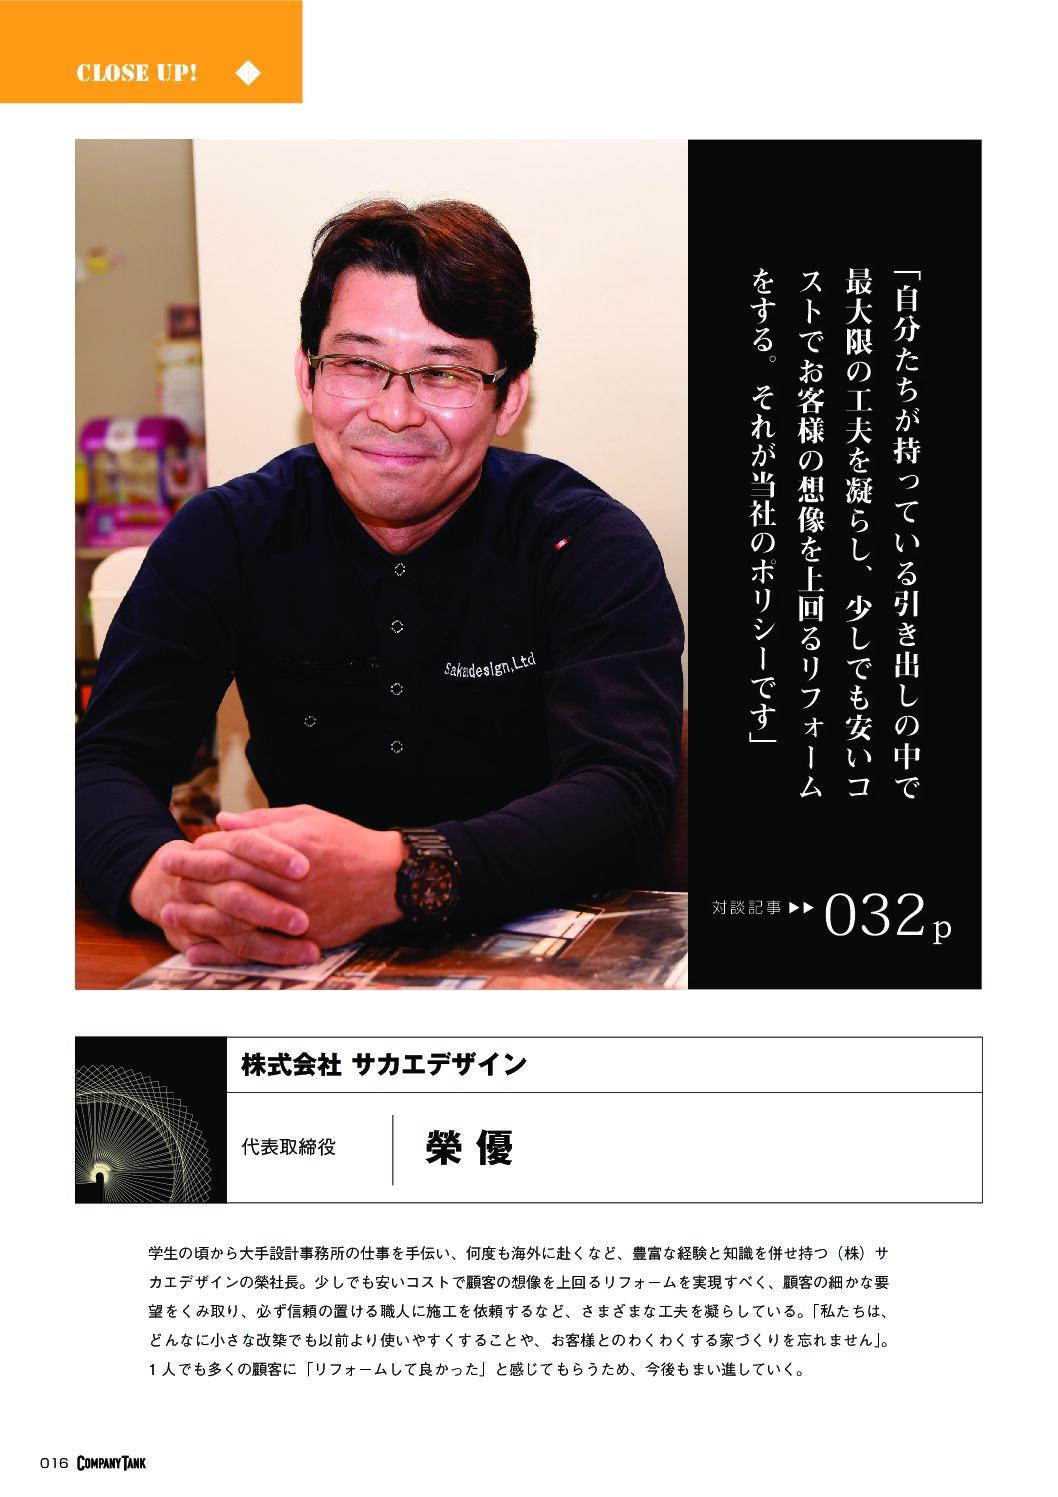 弊社代表取締役 榮のインタビューが雑誌に掲載されました